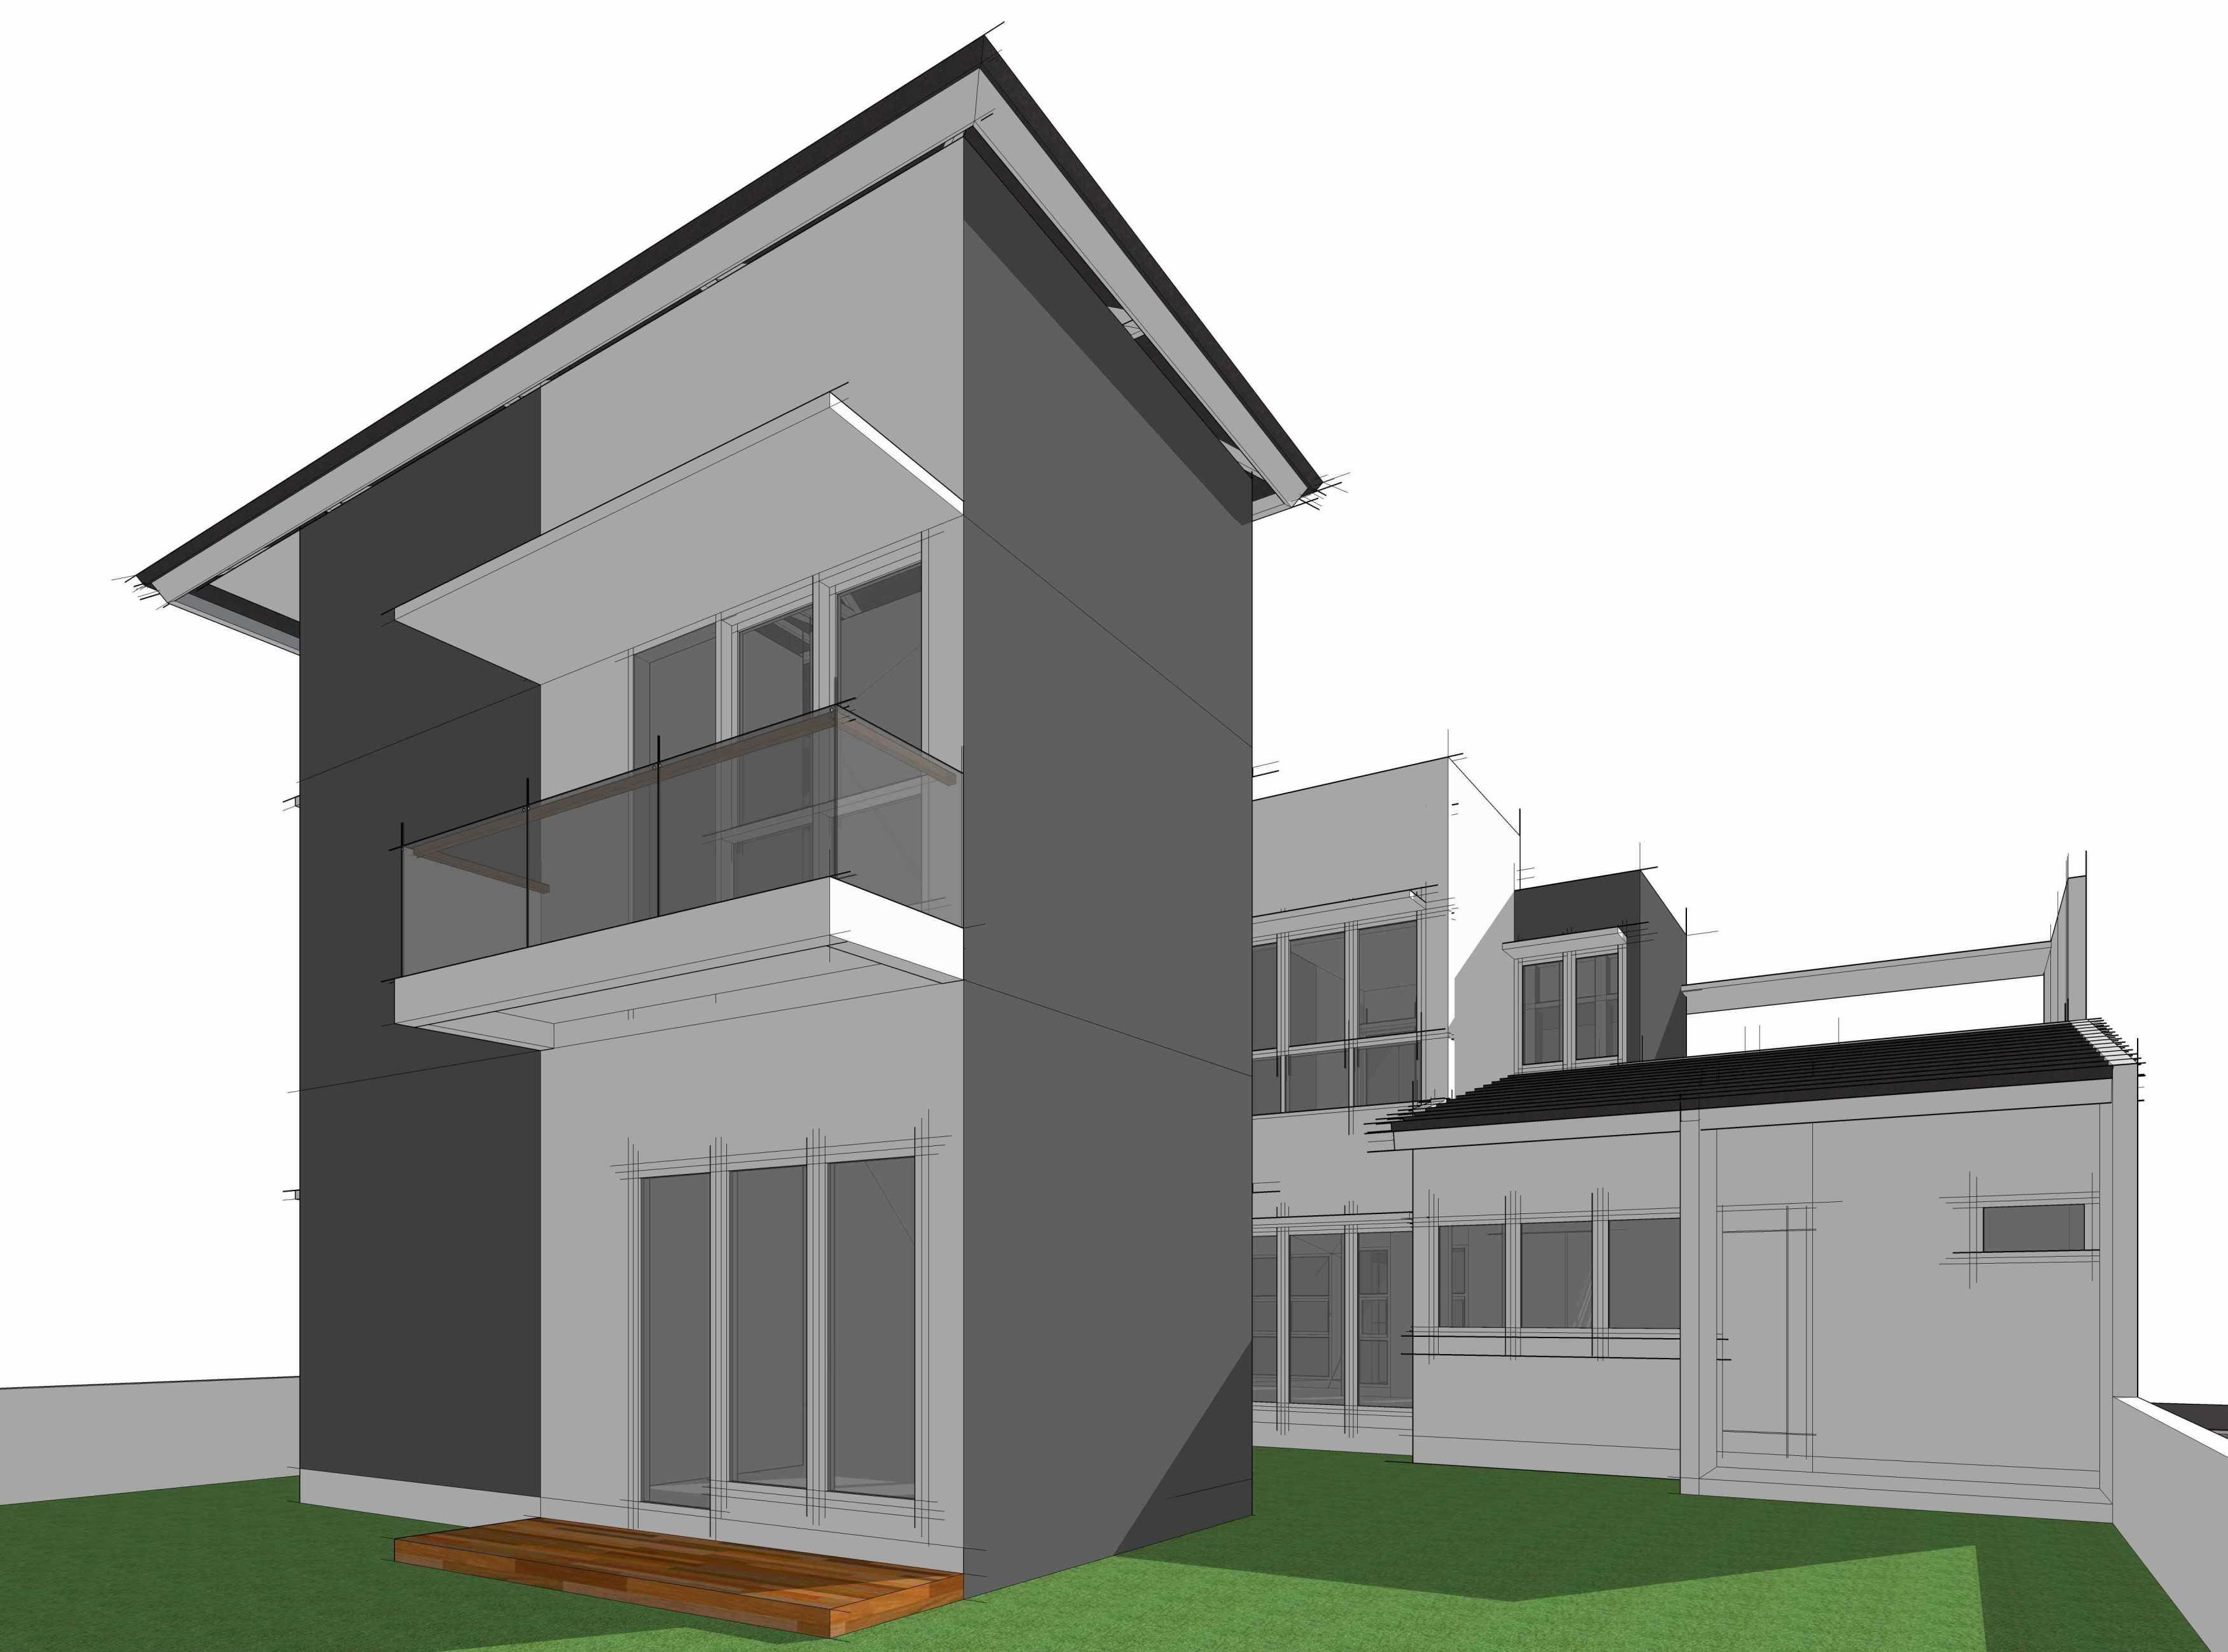 Gubah Ruang Lb Residence Bogor, Jawa Barat, Indonesia Bogor, Jawa Barat, Indonesia Exterior View   51209